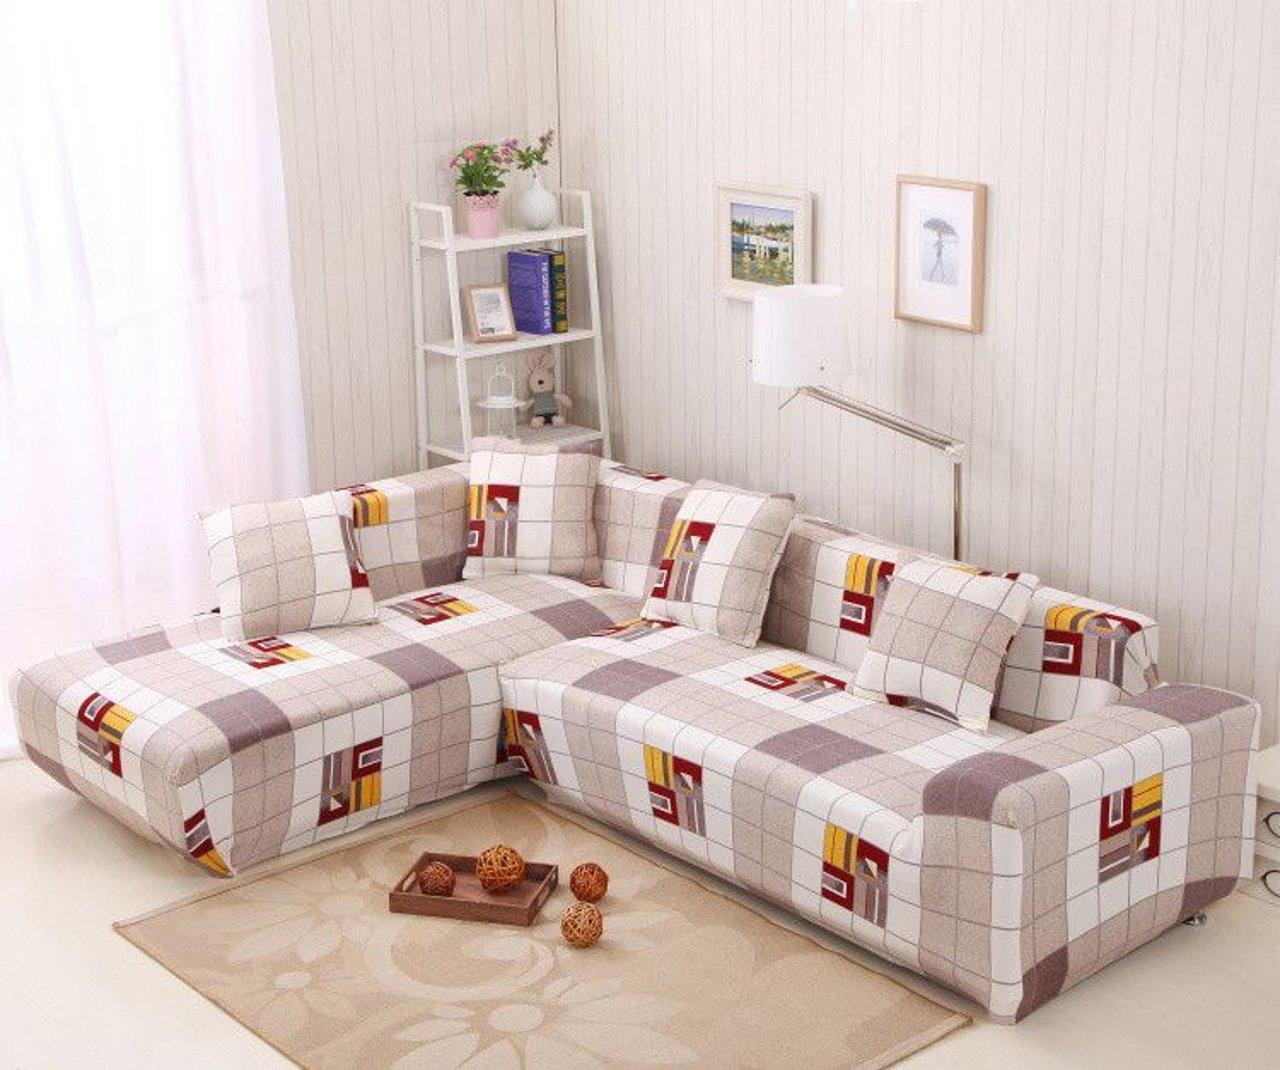 25856ed041aef19121b920c14505ddf6 - Как улучшить интерьер квартиры